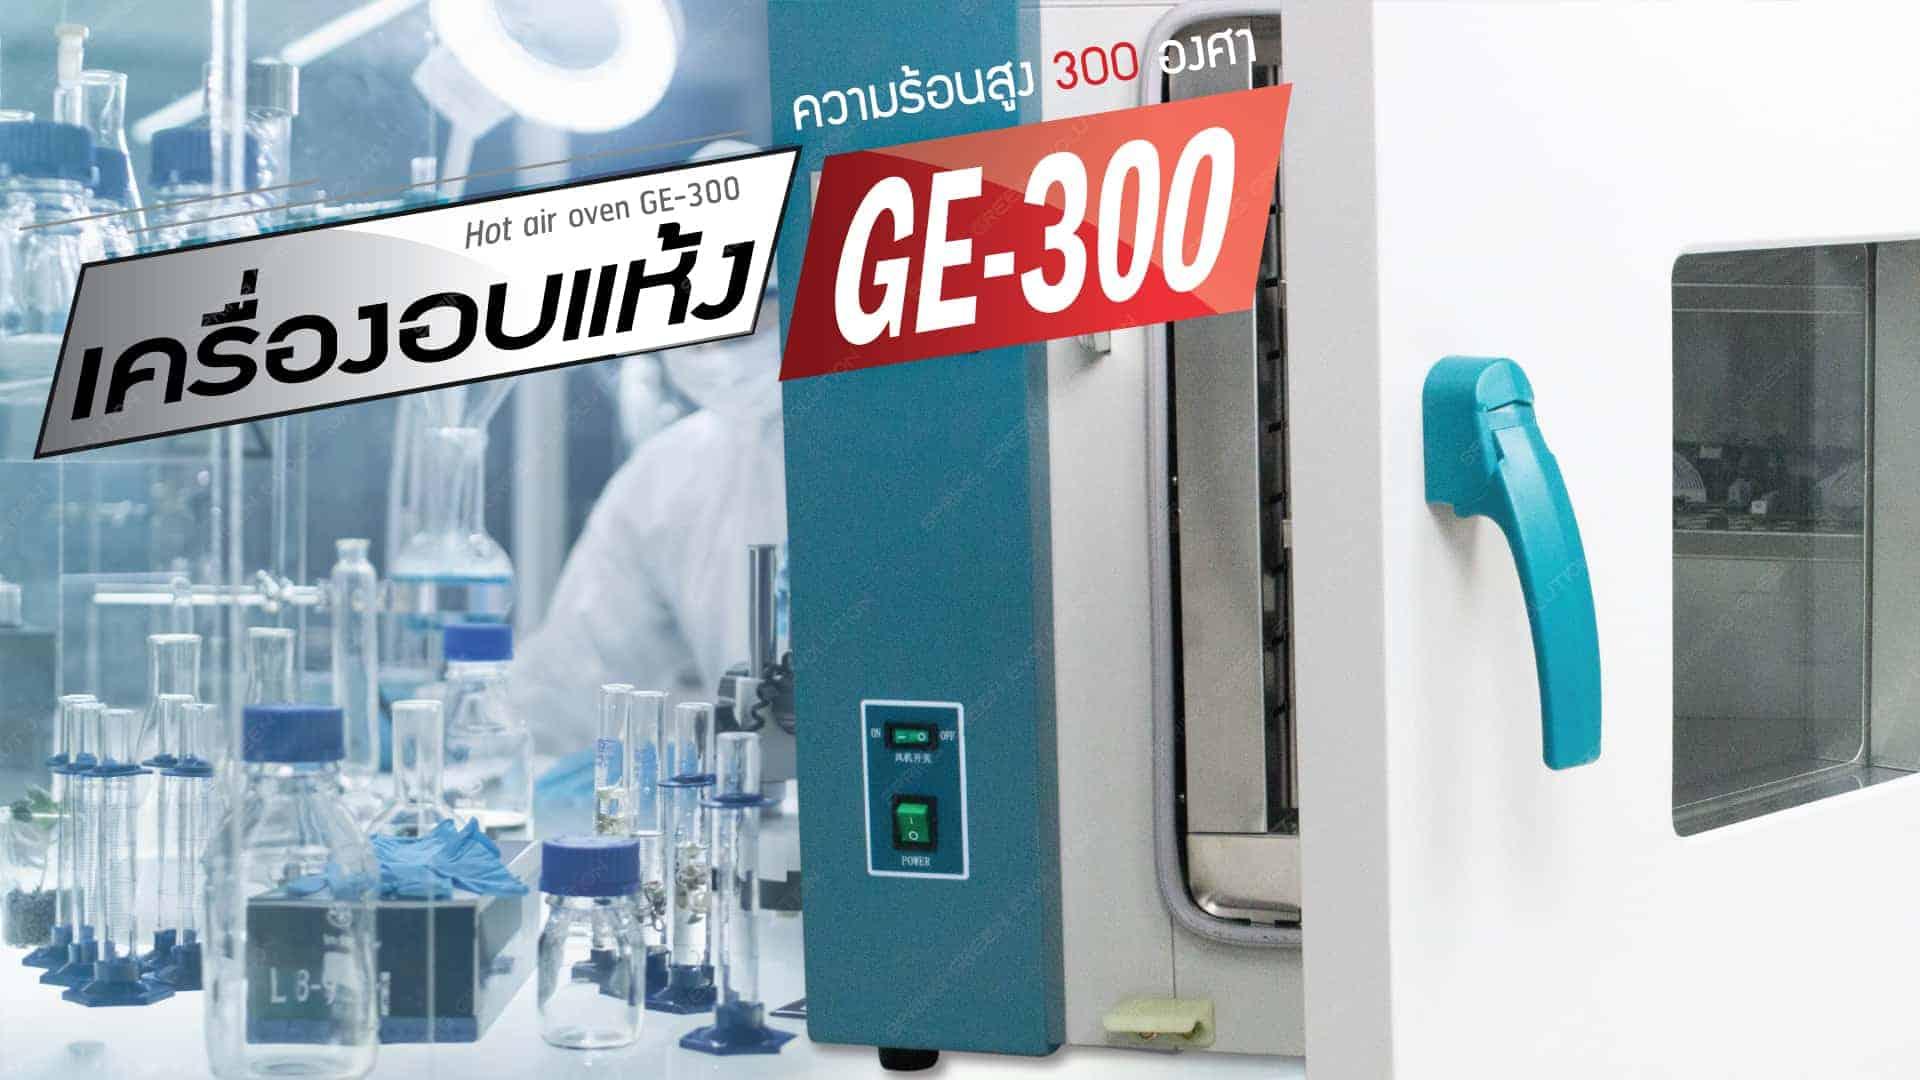 ตู้อบวิจัย-GE300-ความร้อน